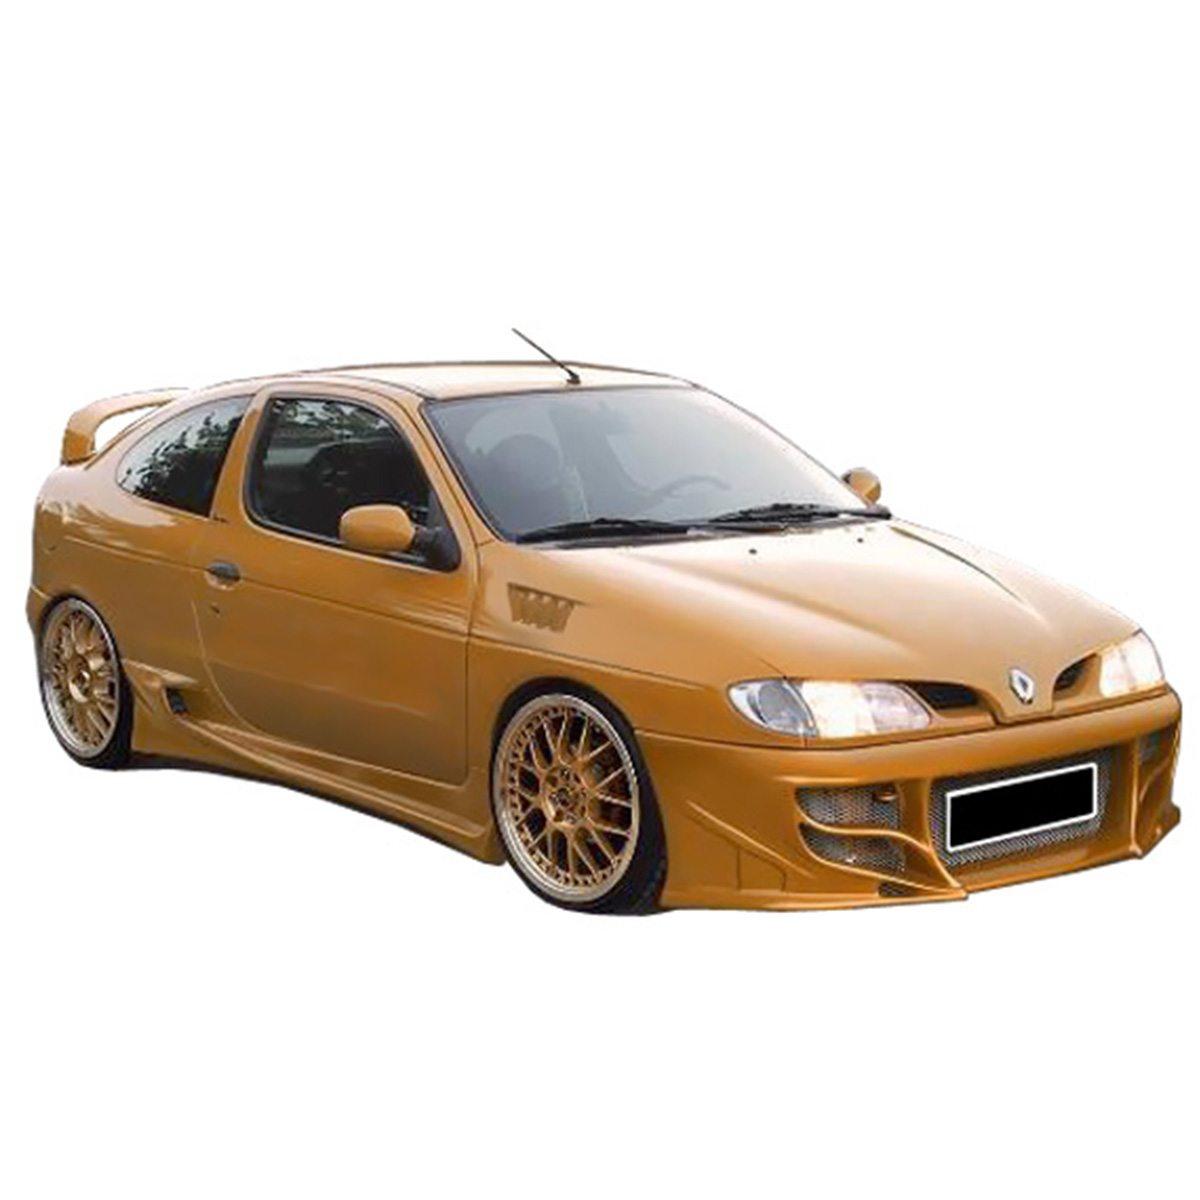 Renault-Megane-95-Frt-FOX-PCN096